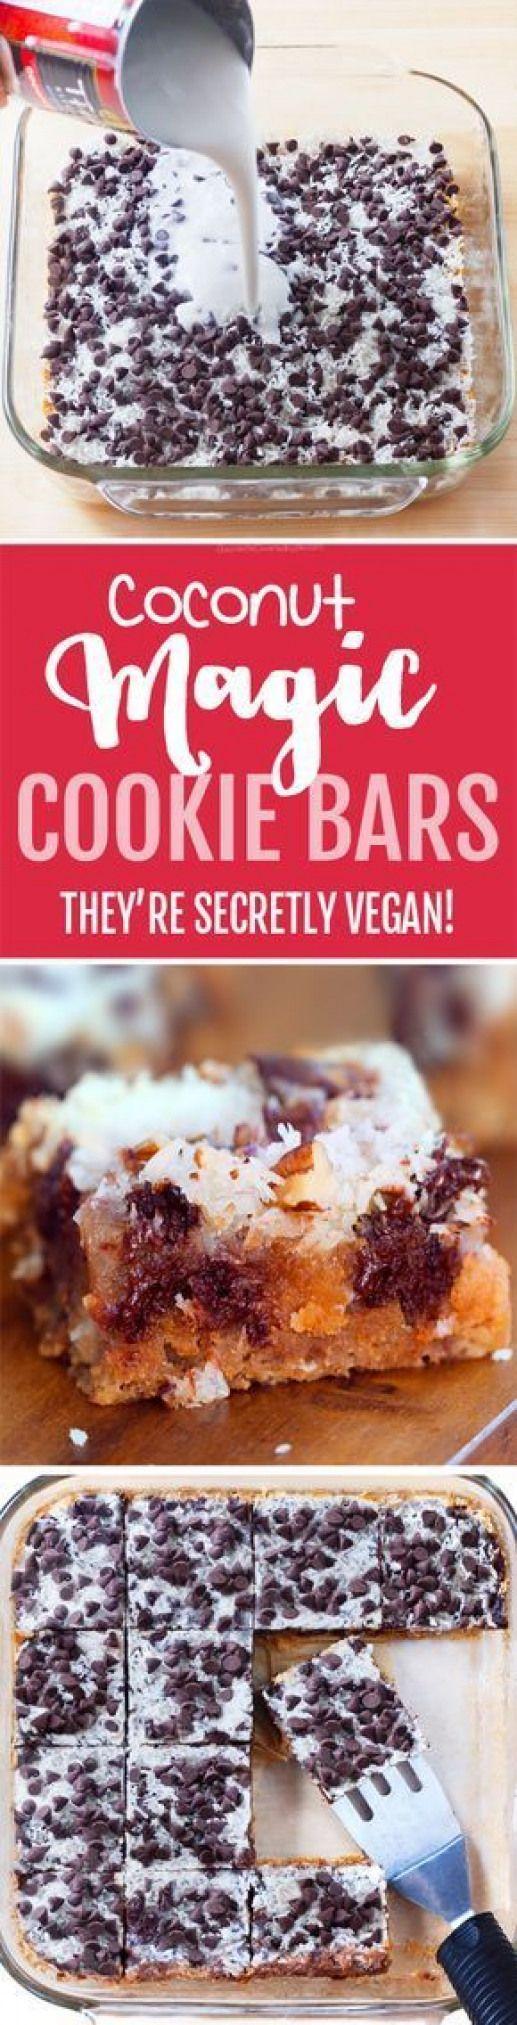 Buzzfeed Vegan Desserts Vegan Cookies Vegan Sweets